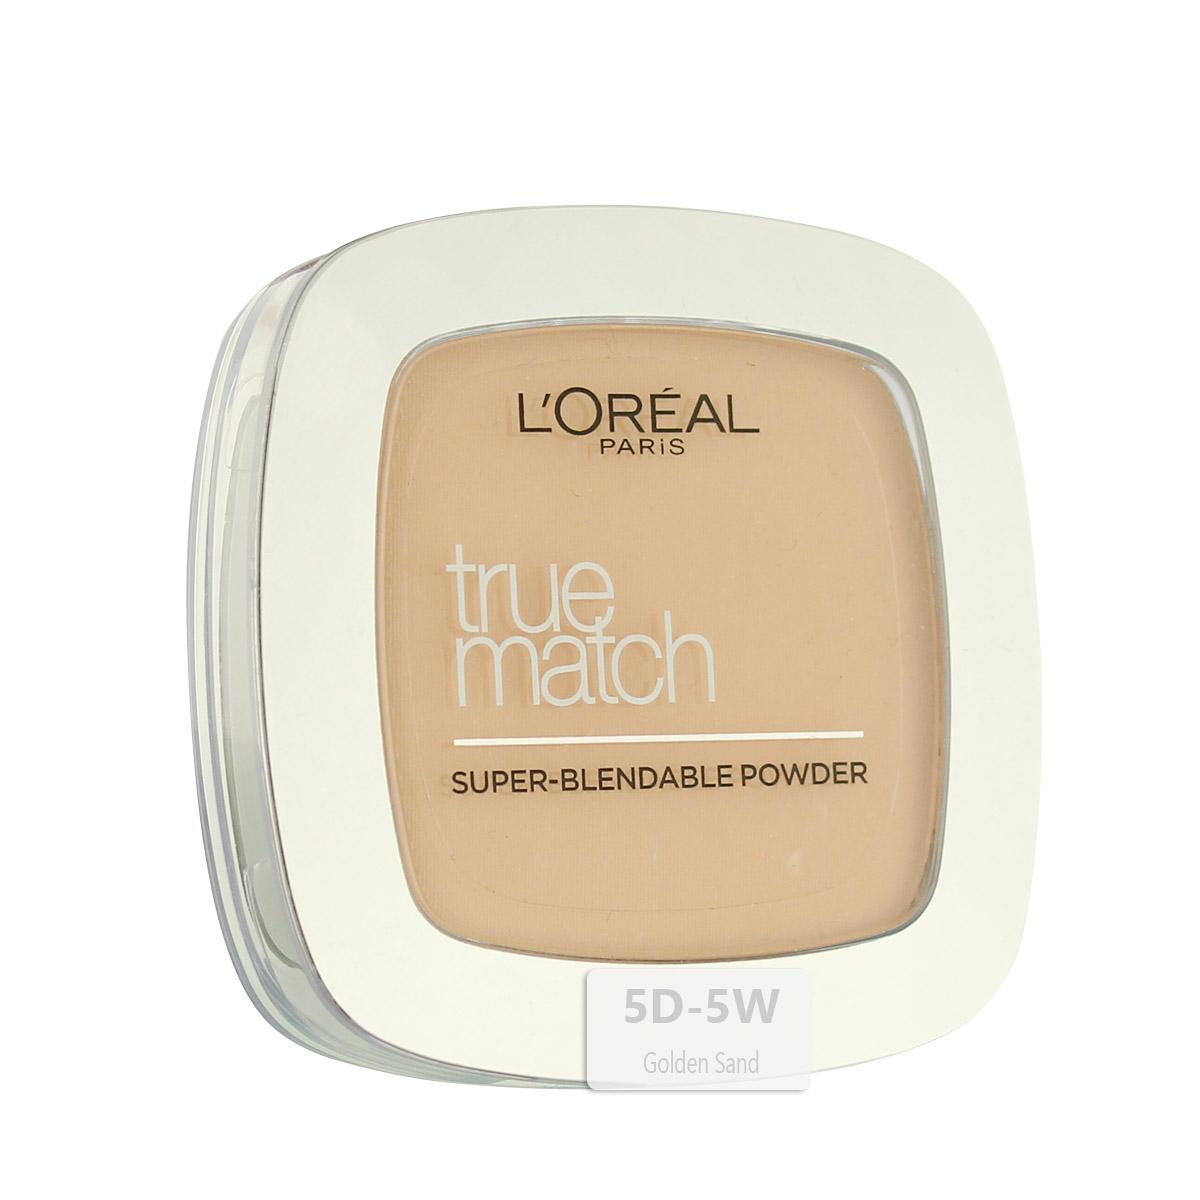 L´Oreal Paris True Match Super-Blendable Powder (5D/5W Golden Sand) 9 g